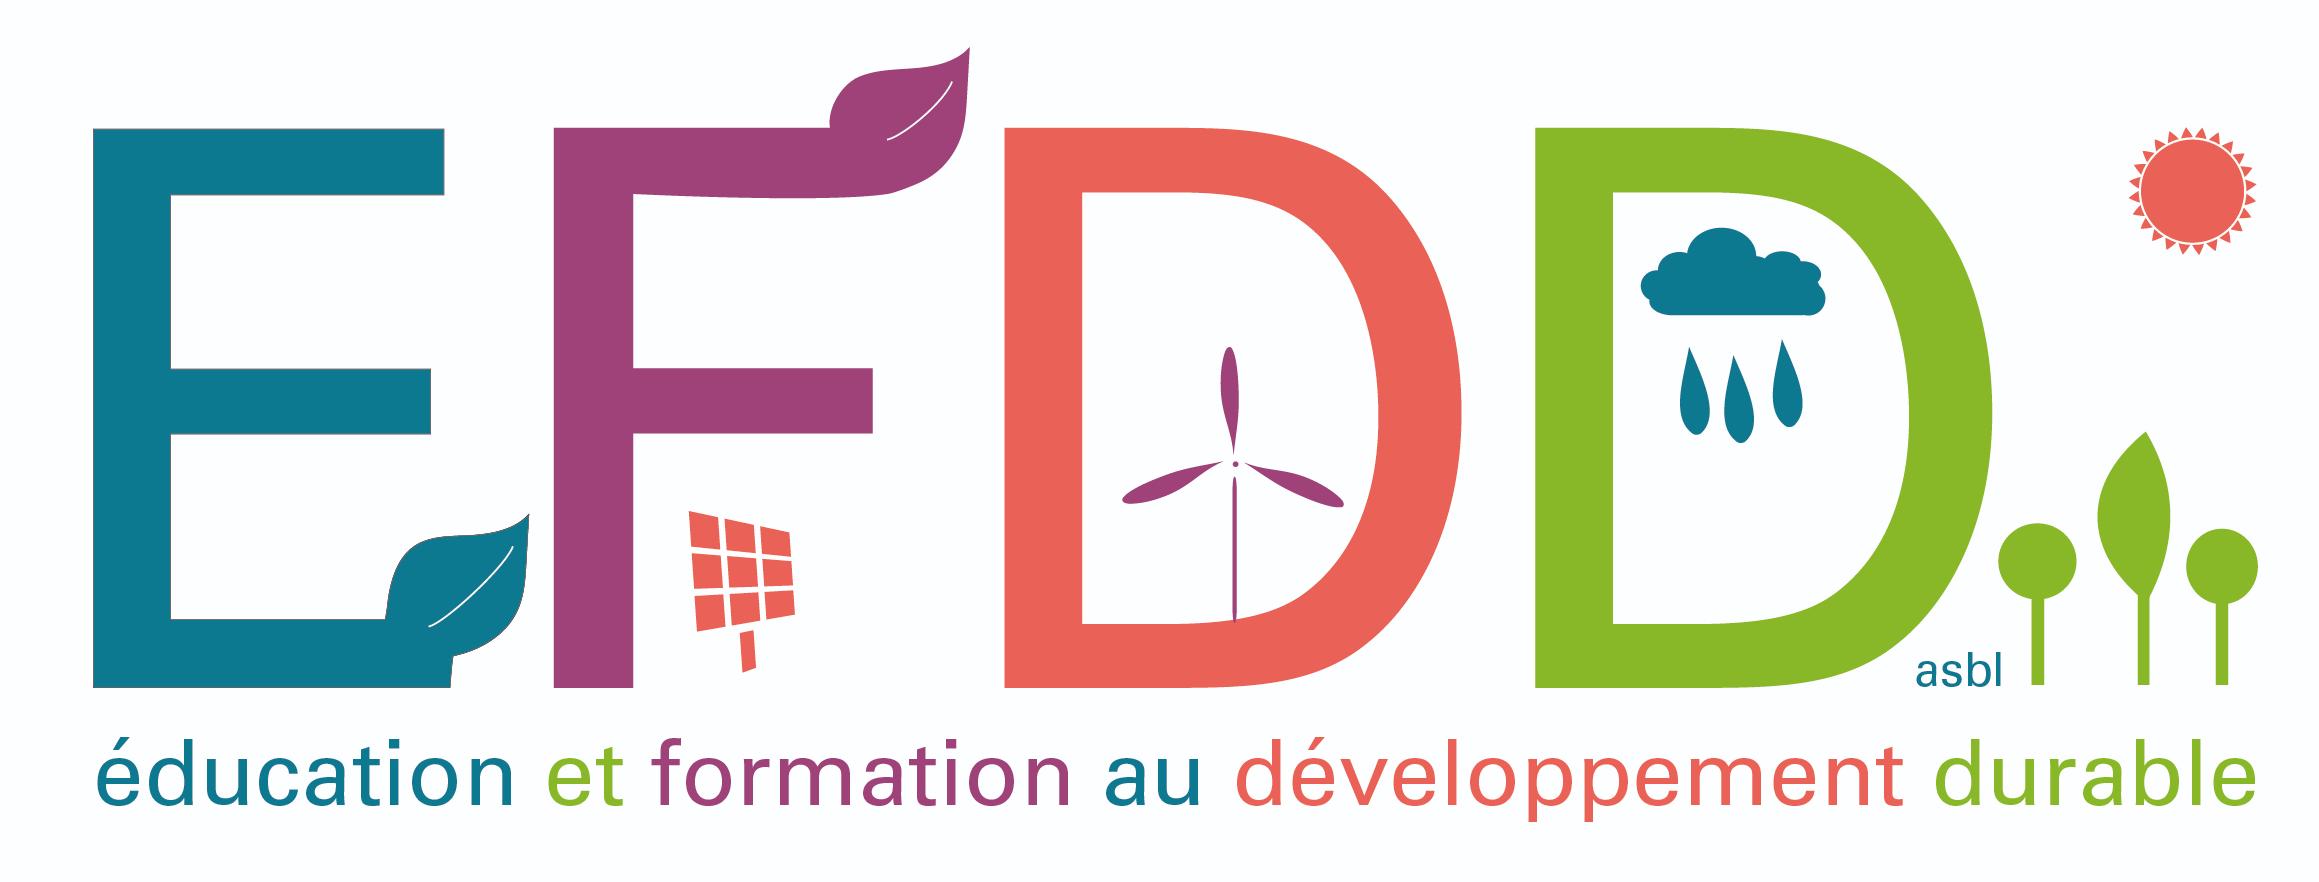 Education et Formation au Développement Durable (EFDD)